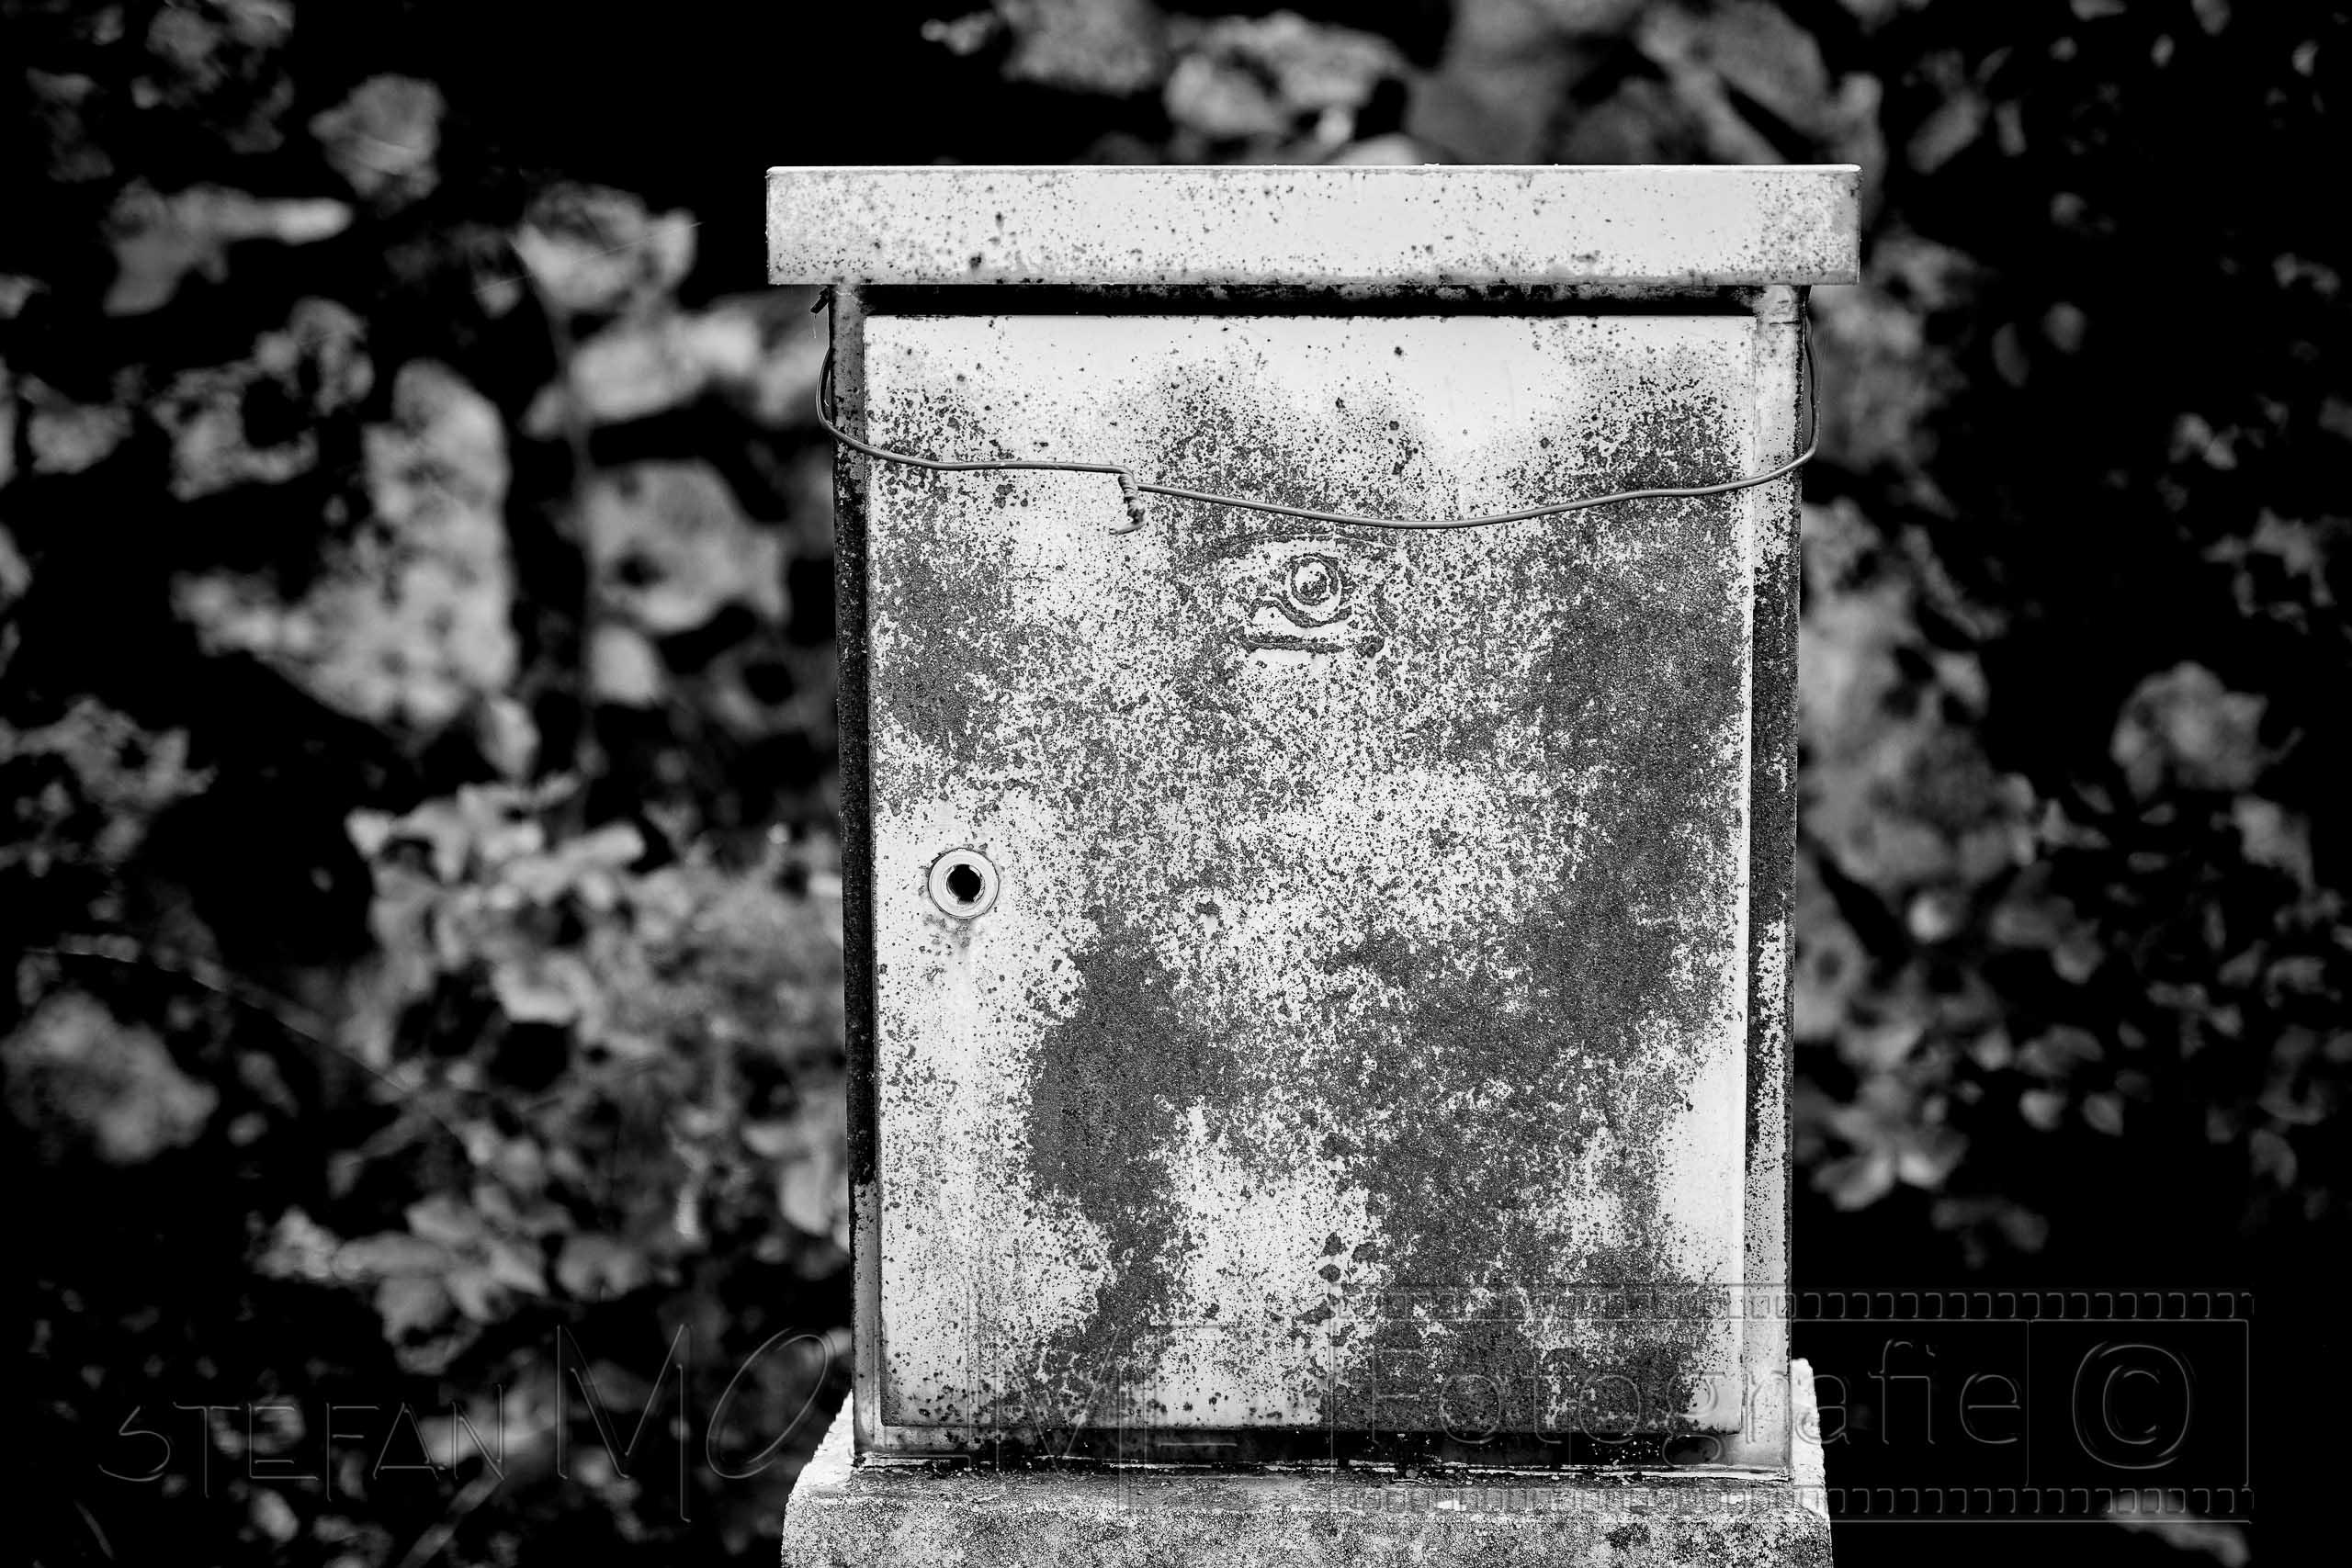 Briefkasten ,Nahaufnahme, schwarzweiss